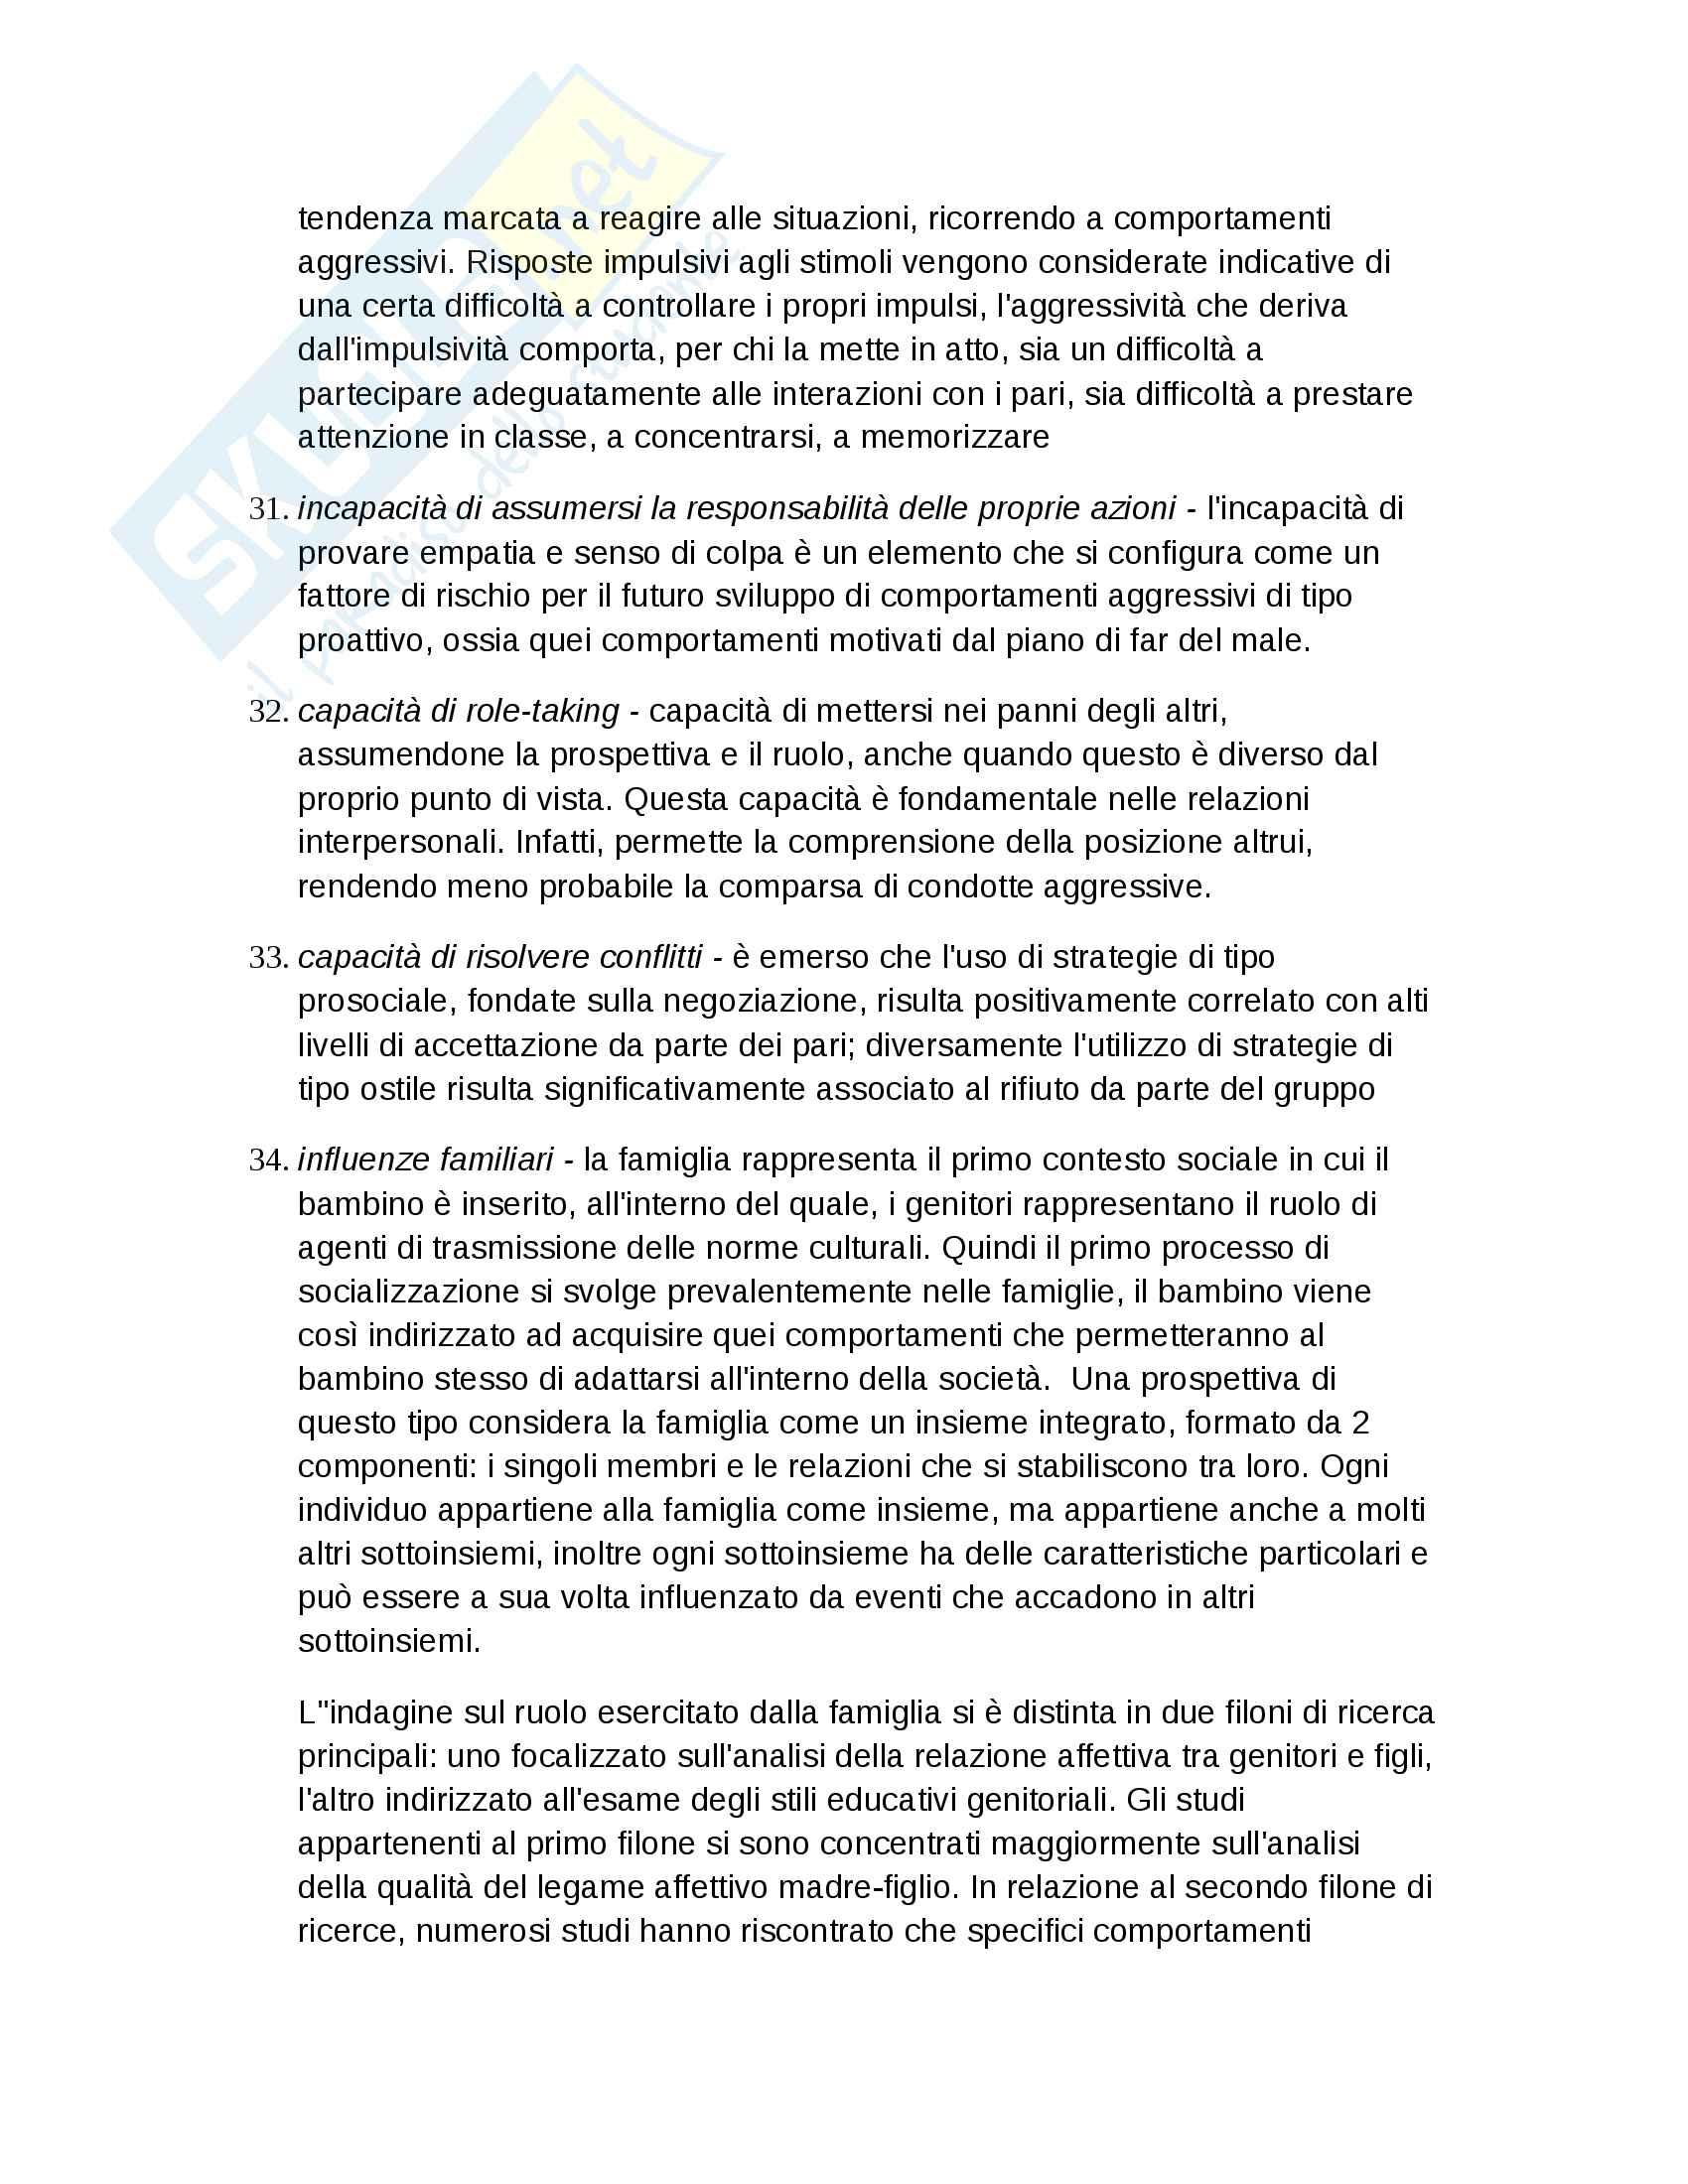 Riassunto Psicologia dello sviluppo, prof. Carbone, libro consigliato Significati e funzioni del comportamento aggressivo, Carbone Pag. 21